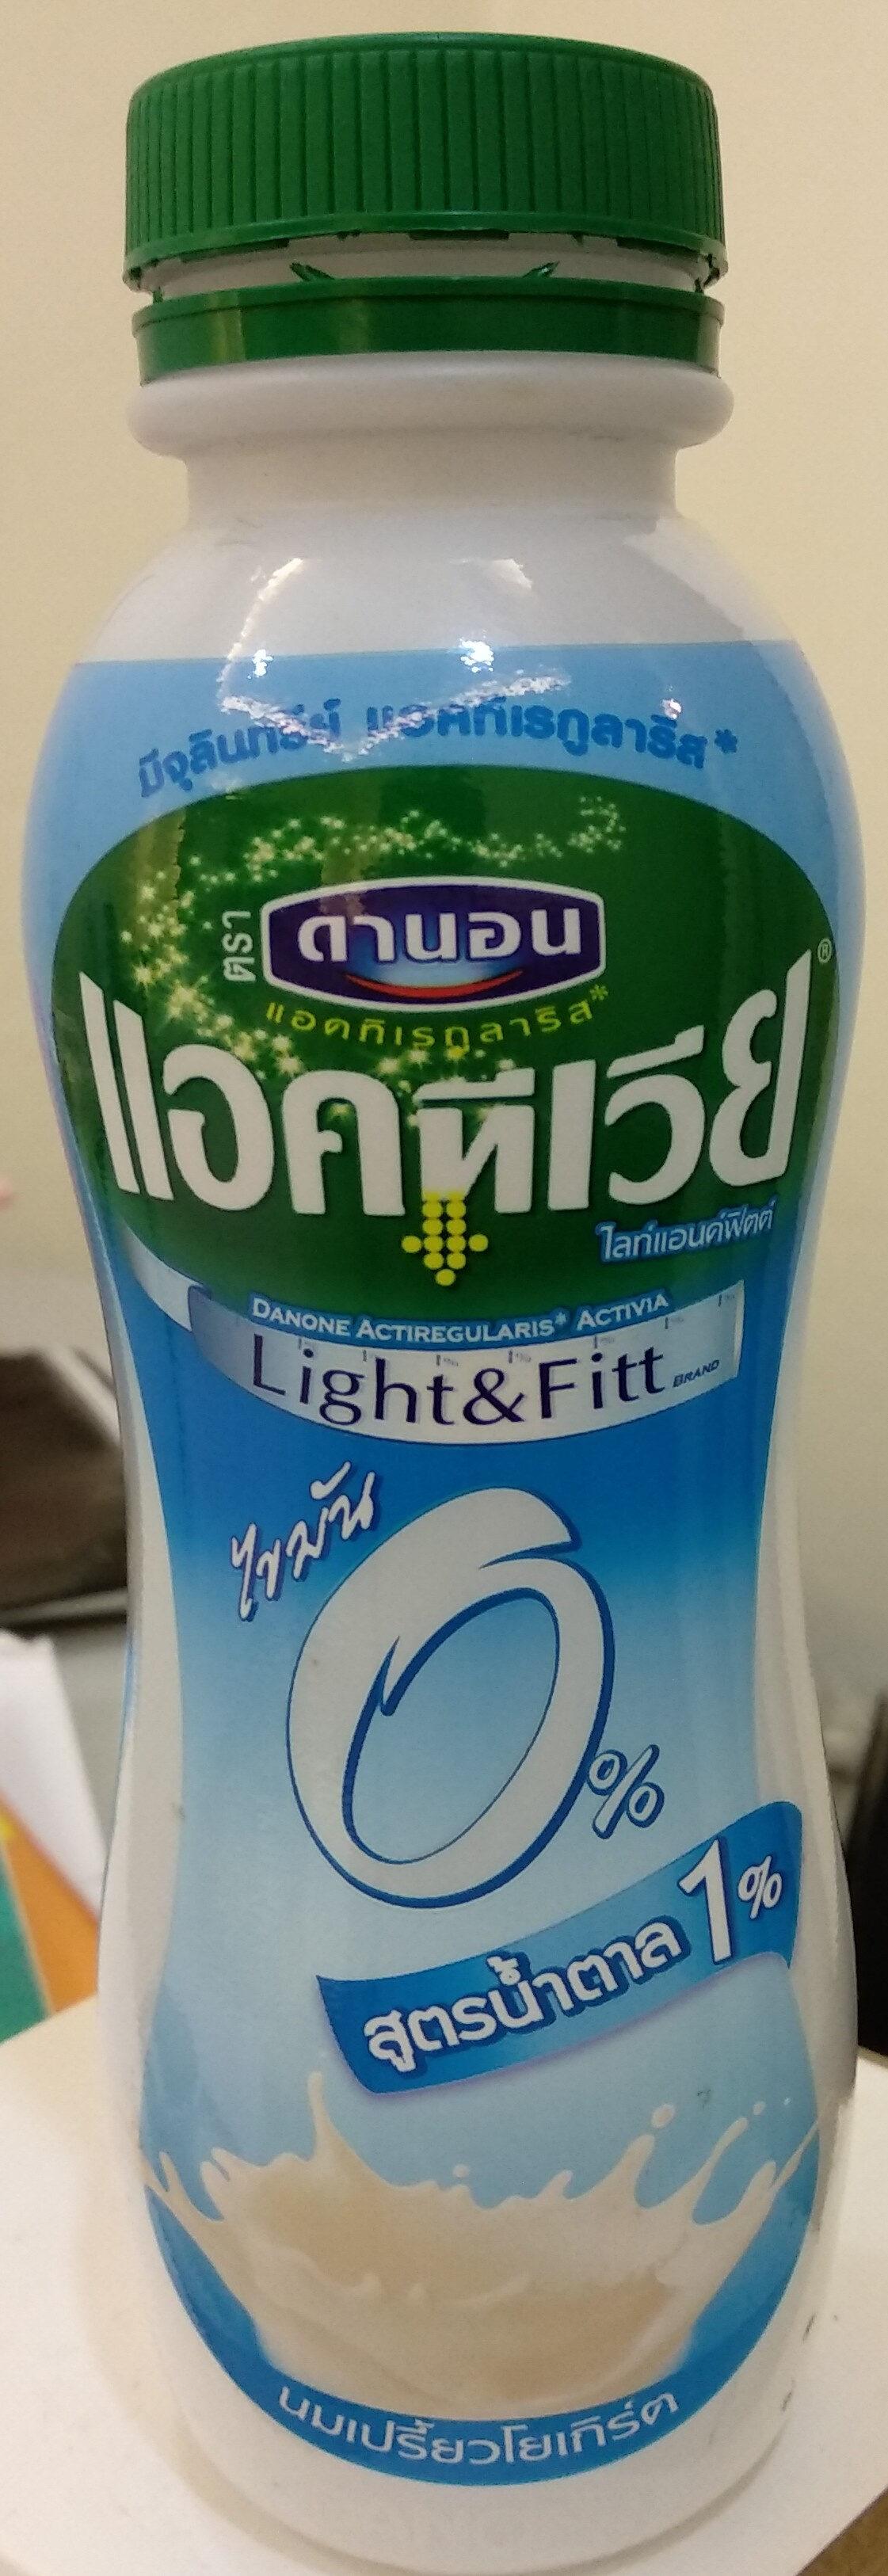 ดานอน แอคทีเวีย ไลท์แอนด์ฟิตต์ - Product